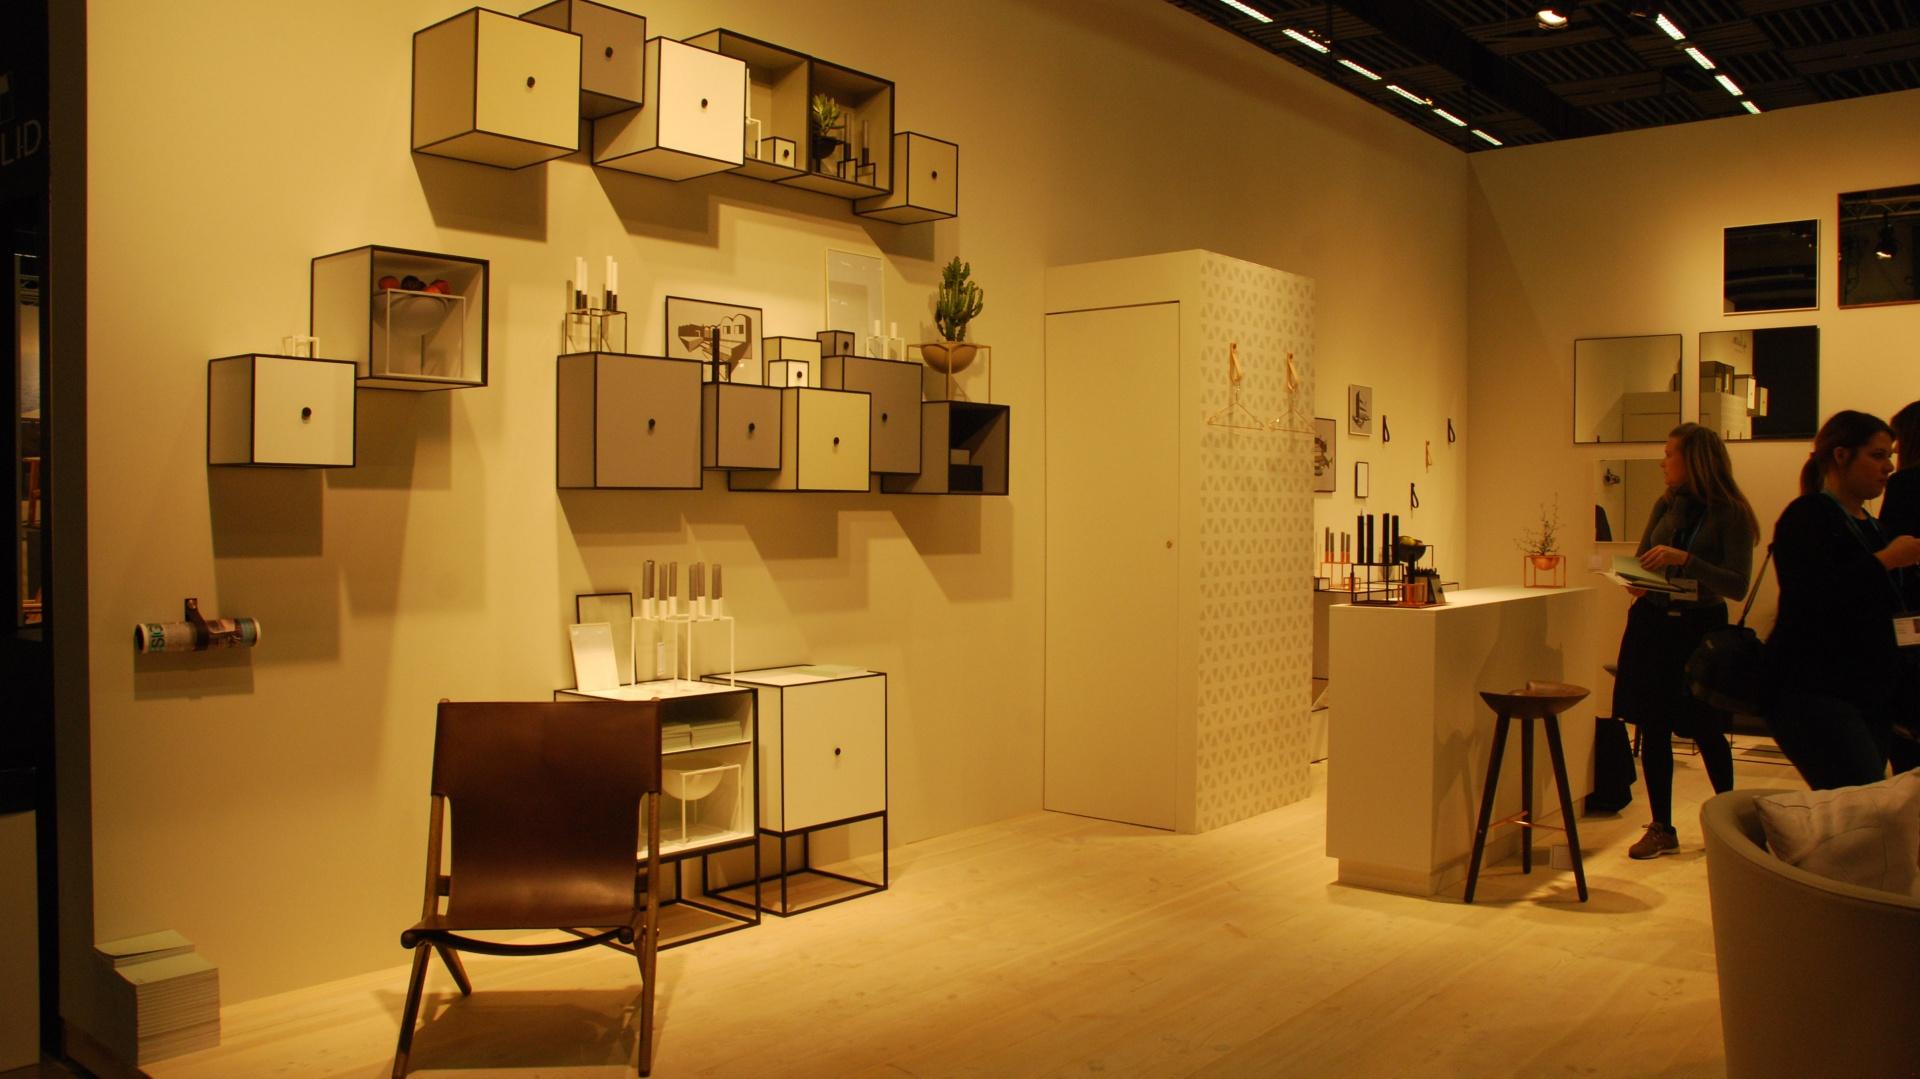 Meble zaprezentowane przez markę Lassen Copenhagen doskonale czują się w nowoczesnych wnętrzach. Firma swoimi produktami lansuje modę na półki ścienne w kształcie przestrzennych kubików. Fot. Marta Ustymowicz